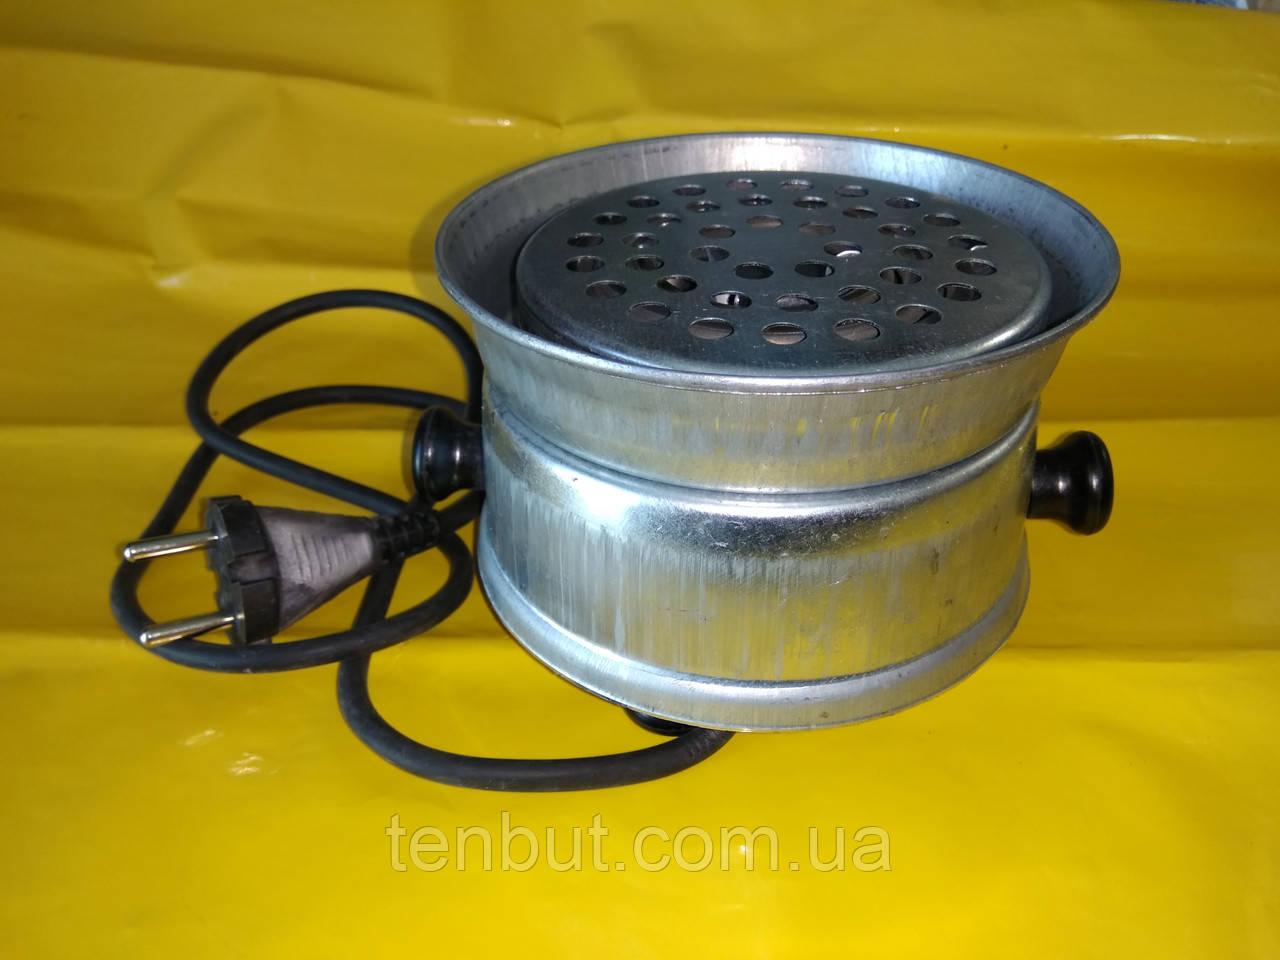 Электроплита МИНИ Caesar настольная 1 - конфорочная 220 В. / 600 Вт. производитель Турция